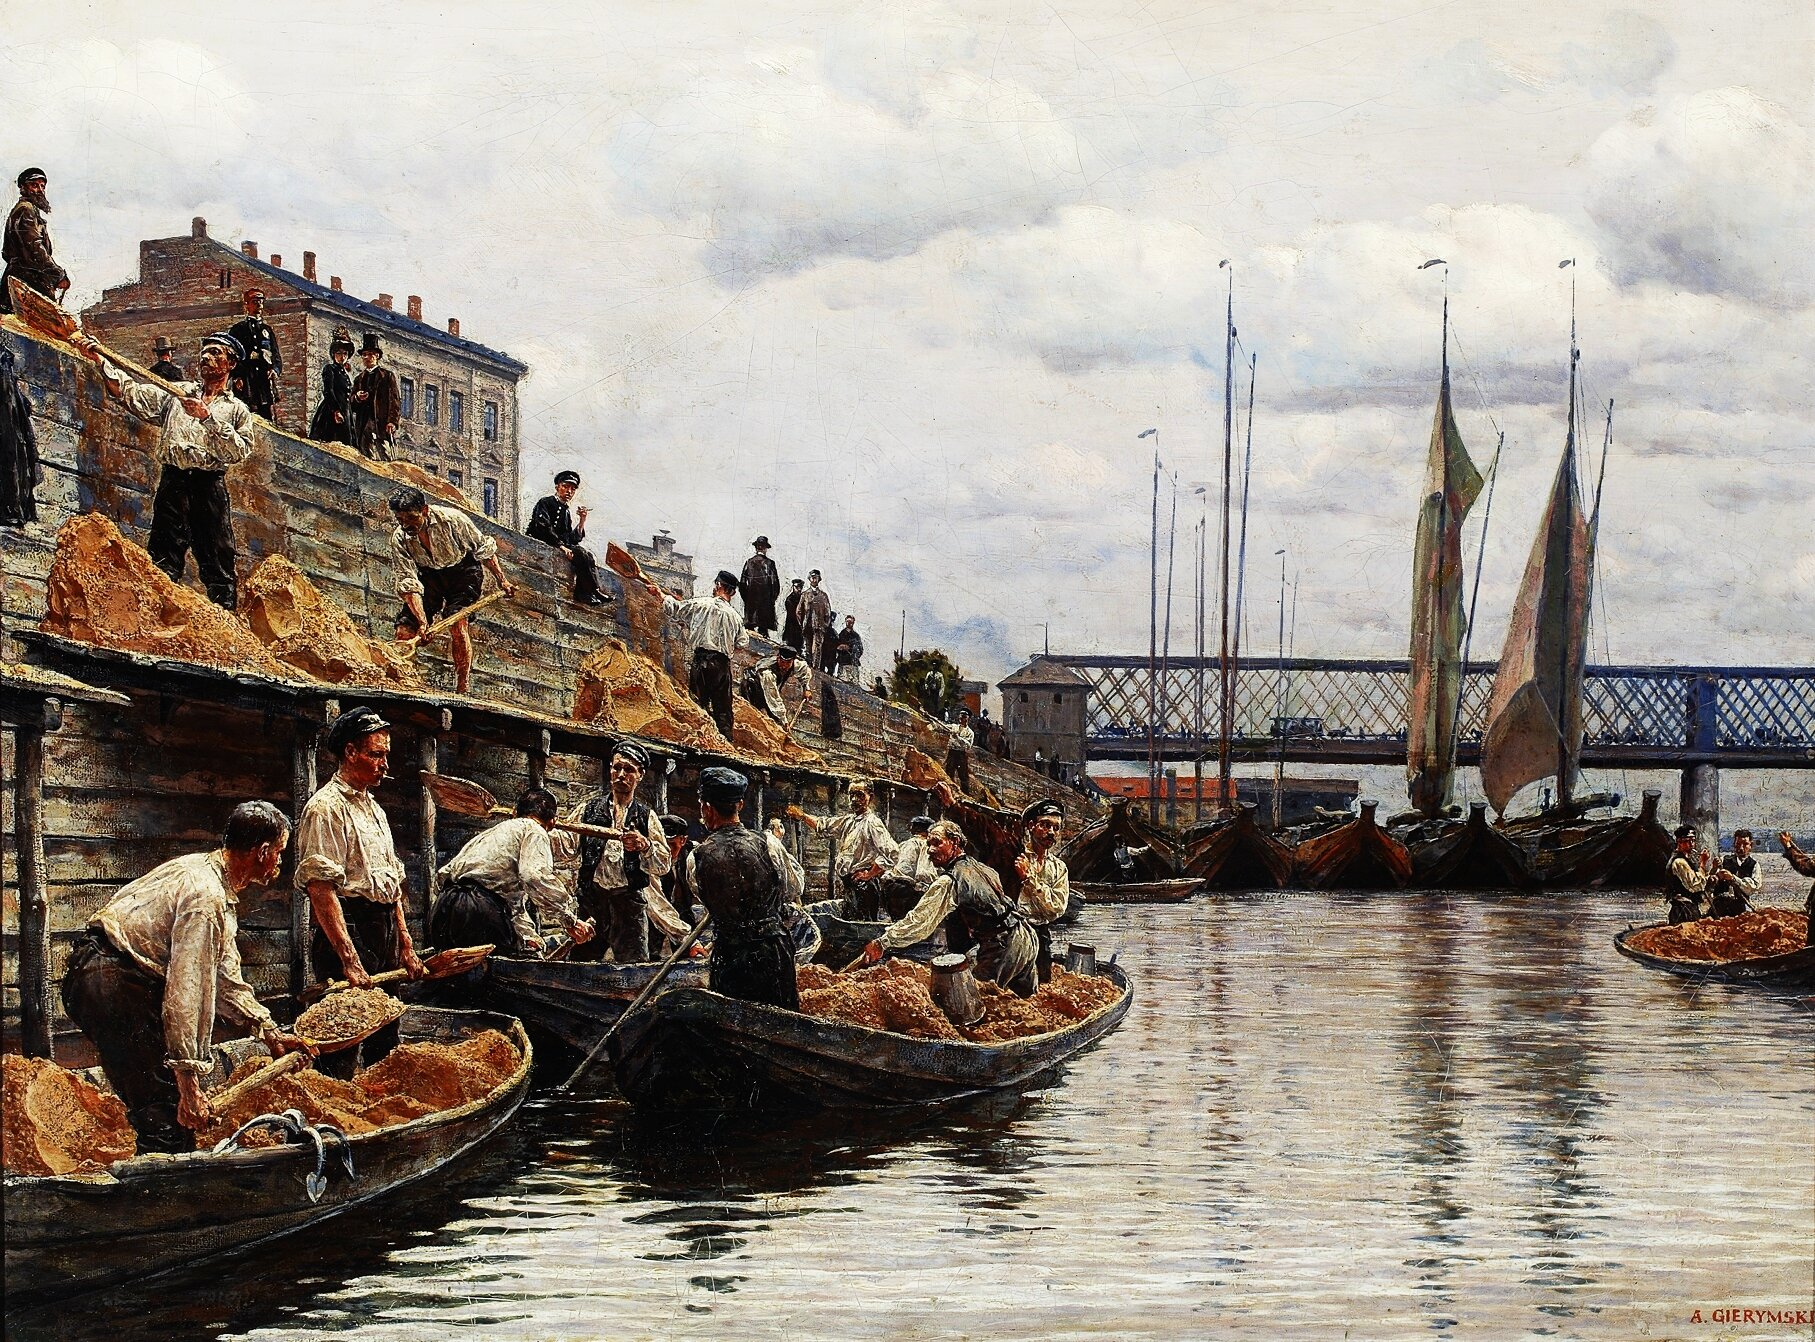 Piaskarze Źródło: Aleksander Gierymski, Piaskarze, 1887, olej na płótnie, domena publiczna.